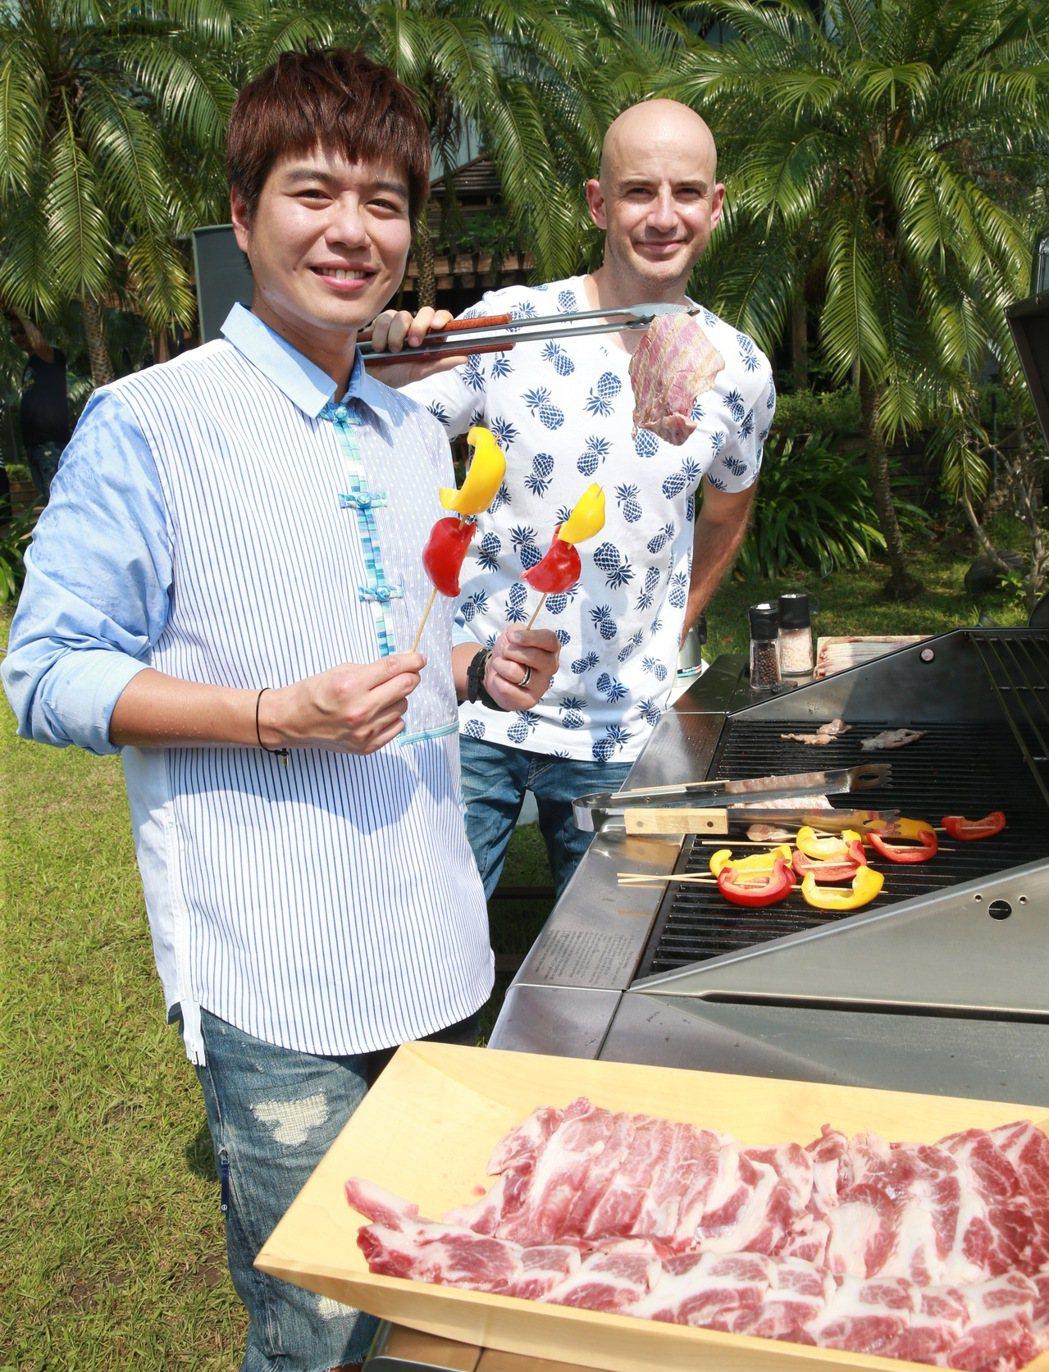 愛玩客主持人李易(左)、吳鳳(右)出席愛玩生活節。記者黃義書/攝影